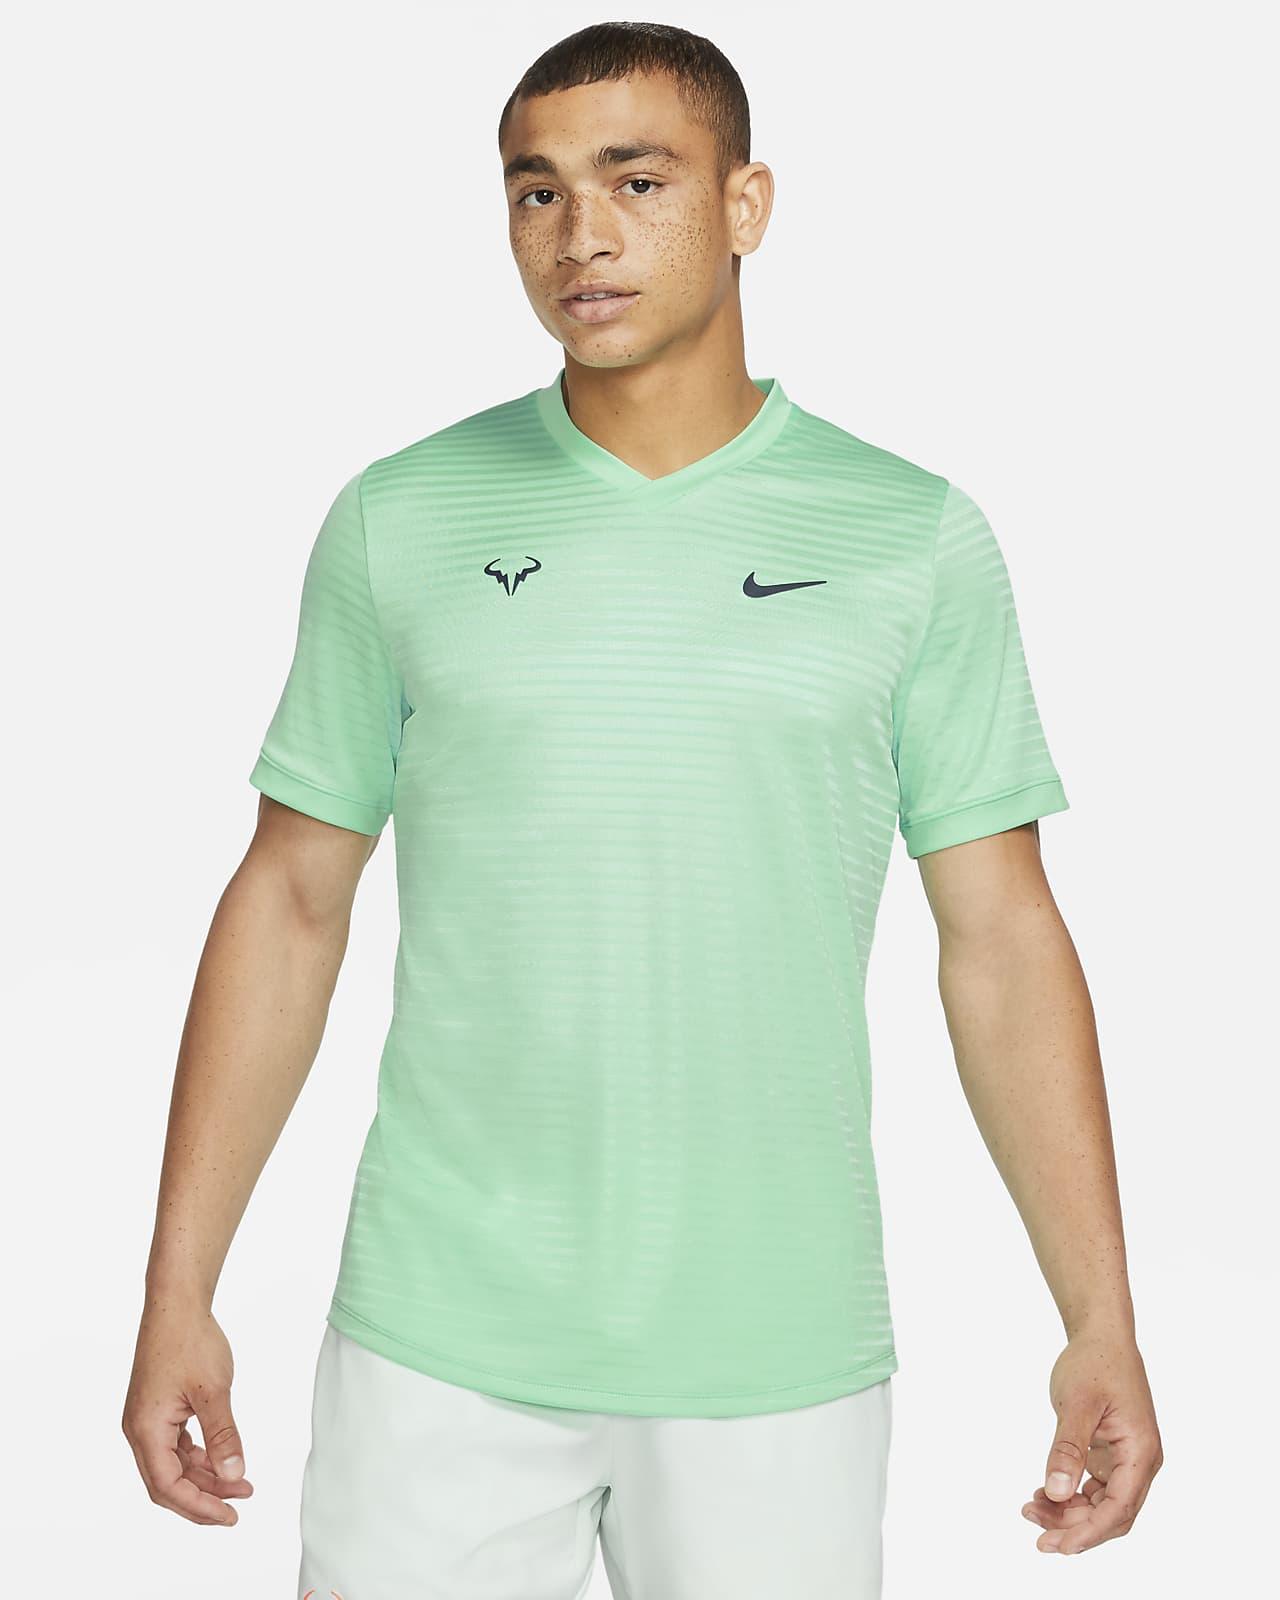 Мужская теннисная футболка с коротким рукавом Rafa Challenger